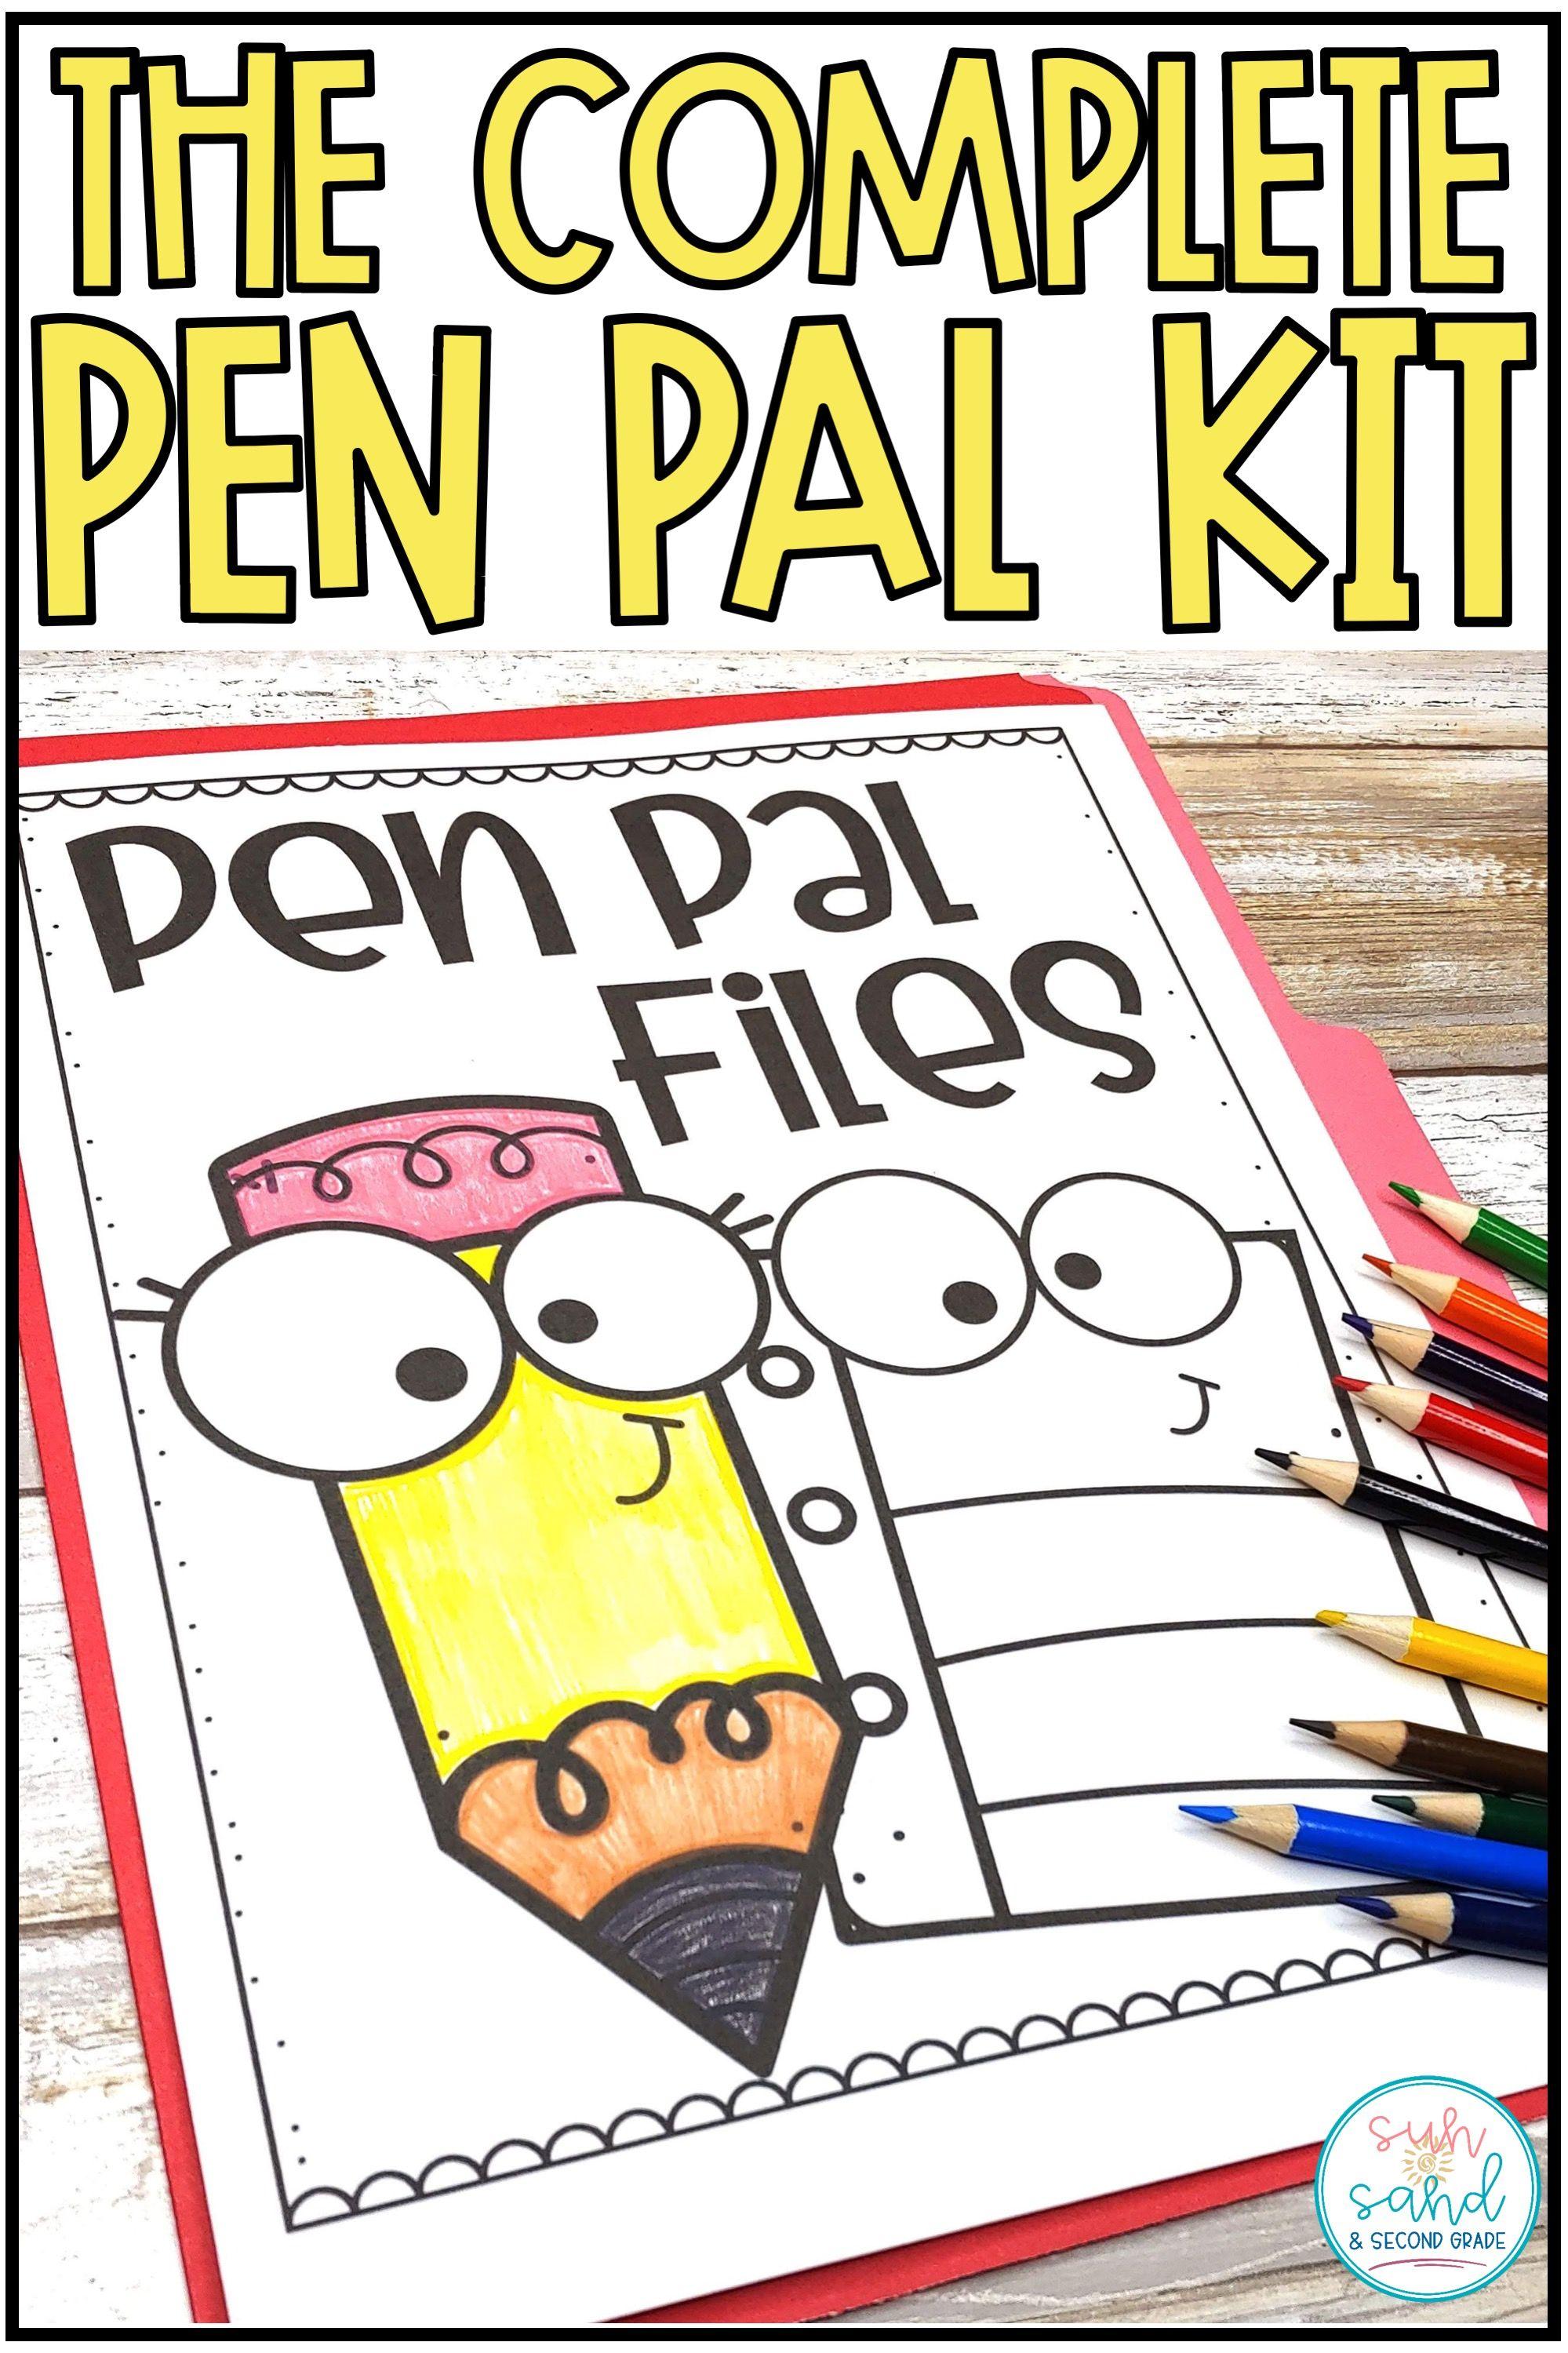 f34f2b3627e3bd2ce625ba74dcb1f121 Pen Pal Letter Template Elementary on pen pal letter print, pen pal question sheets, pen pal letter ideas, pen pal letter form,